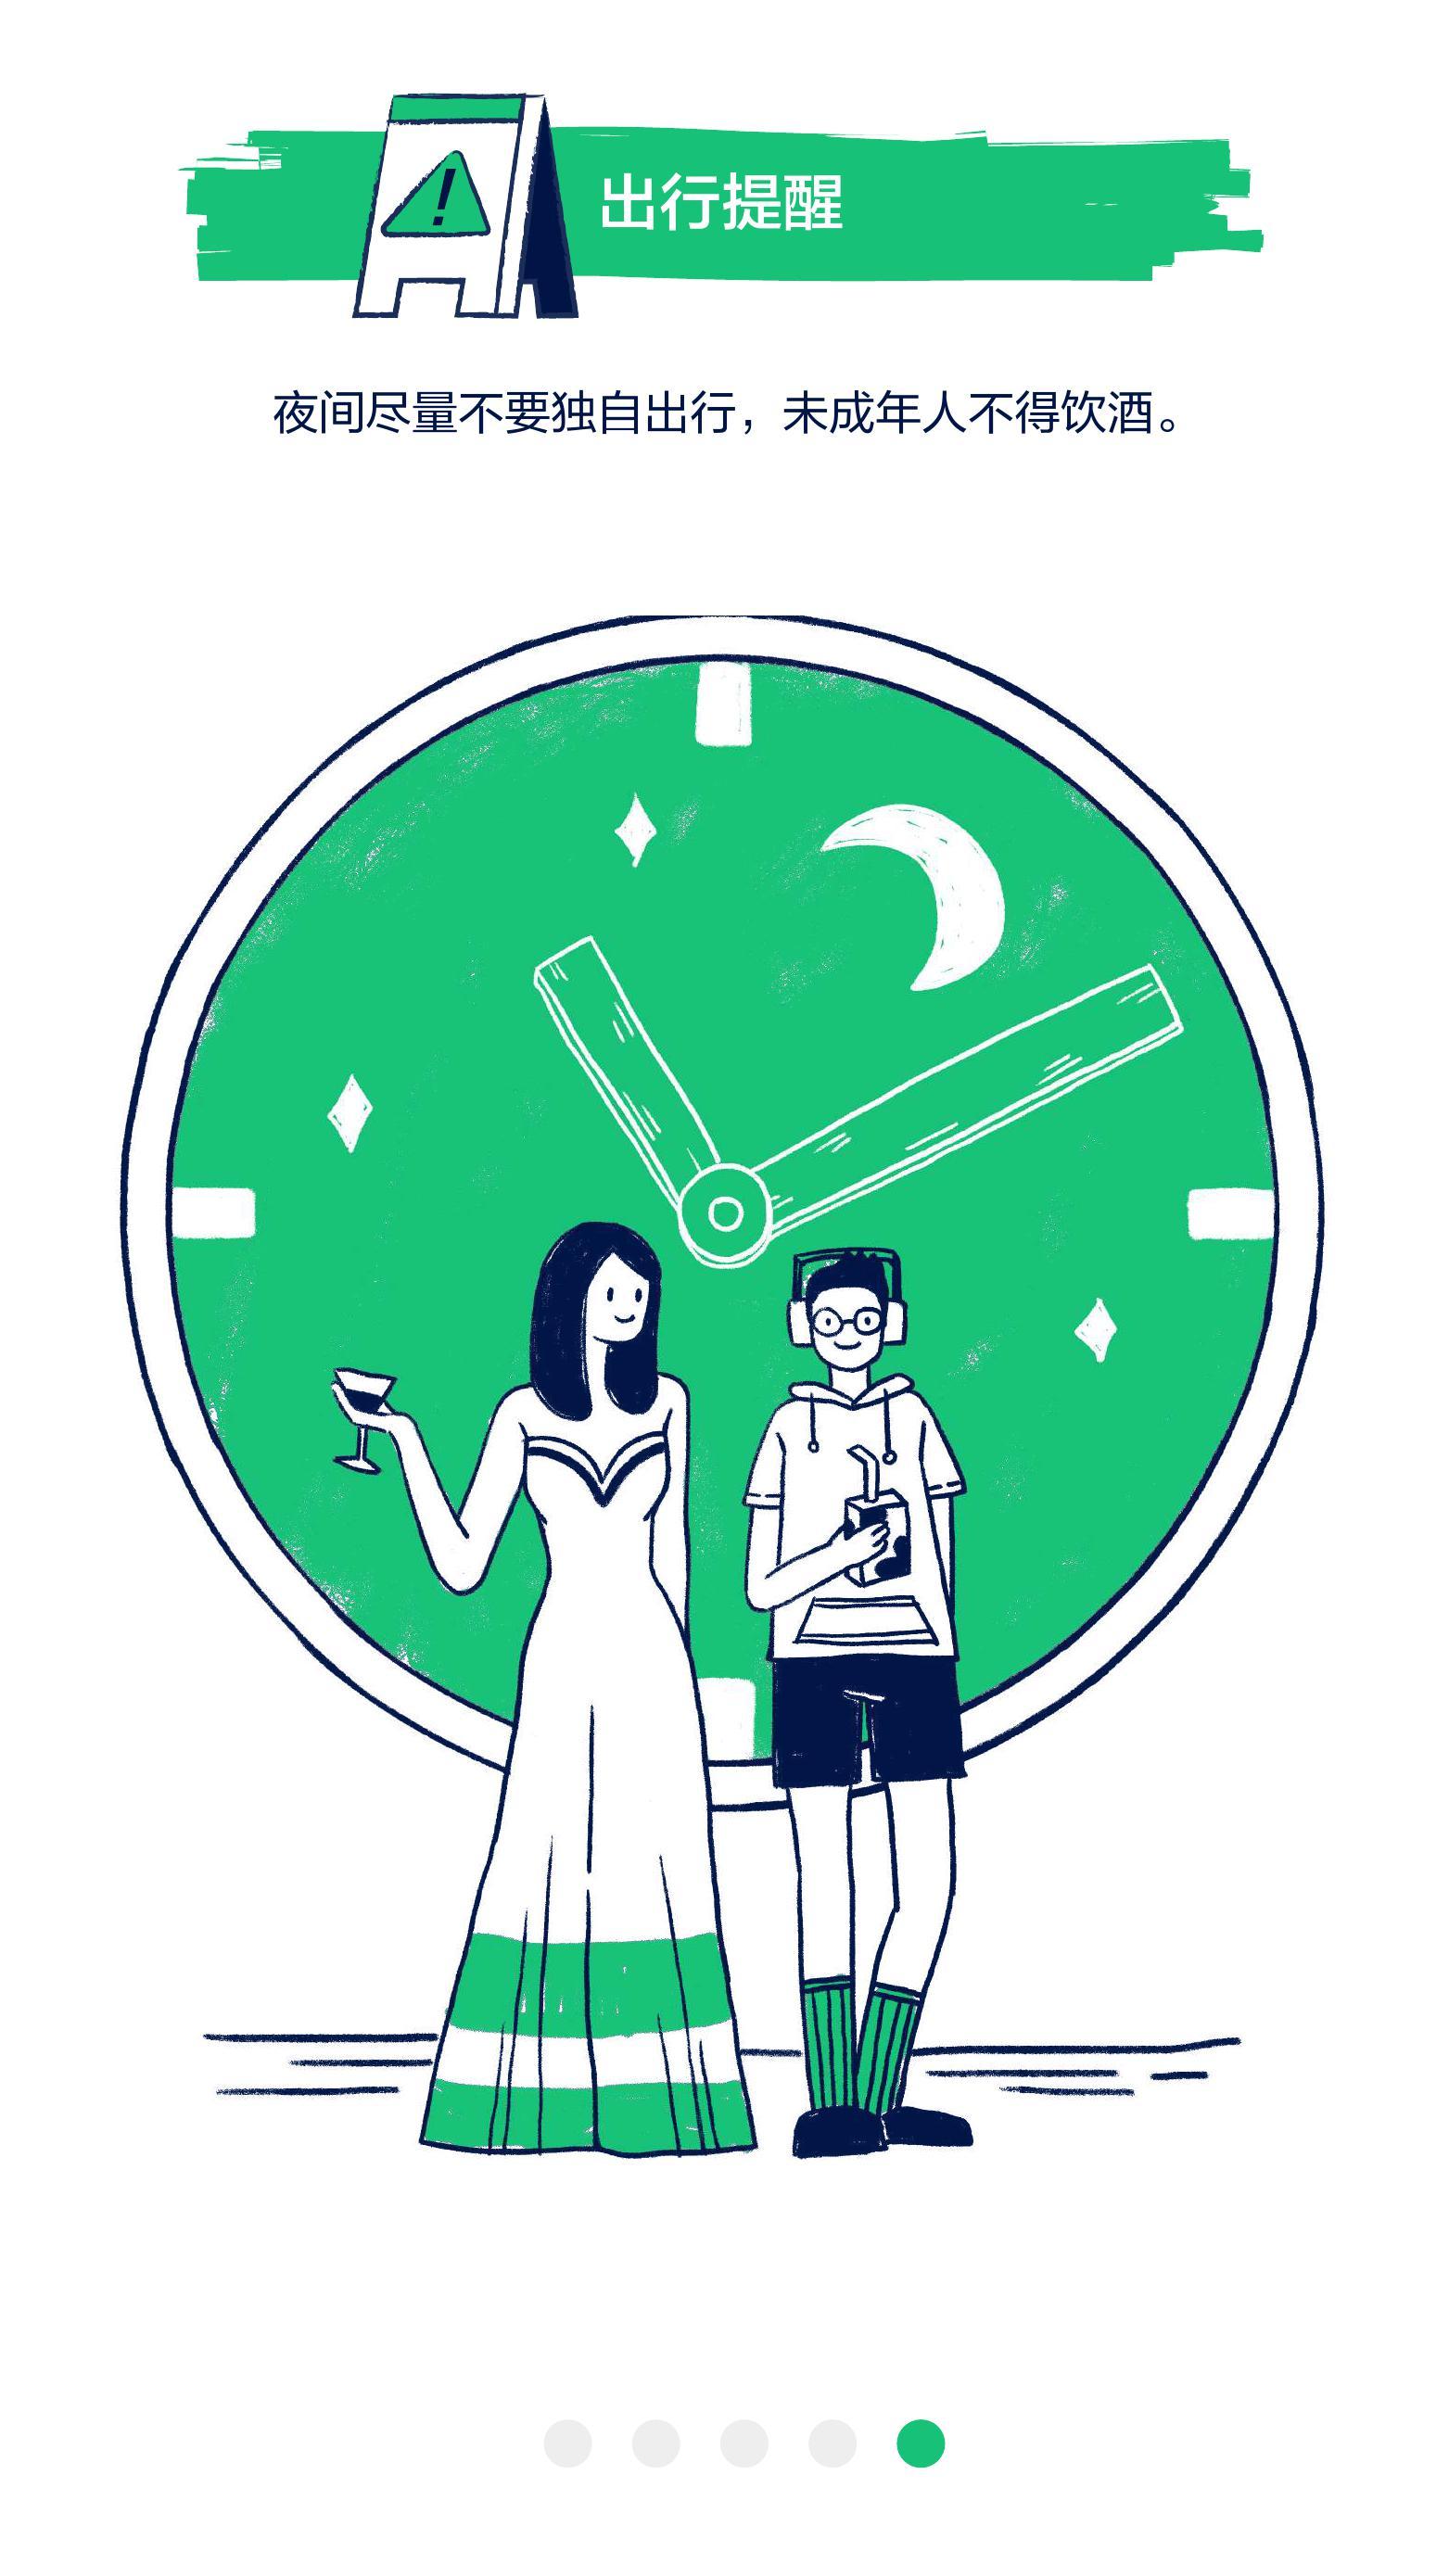 共青团抖音:抖音青年暑期出行数据报告